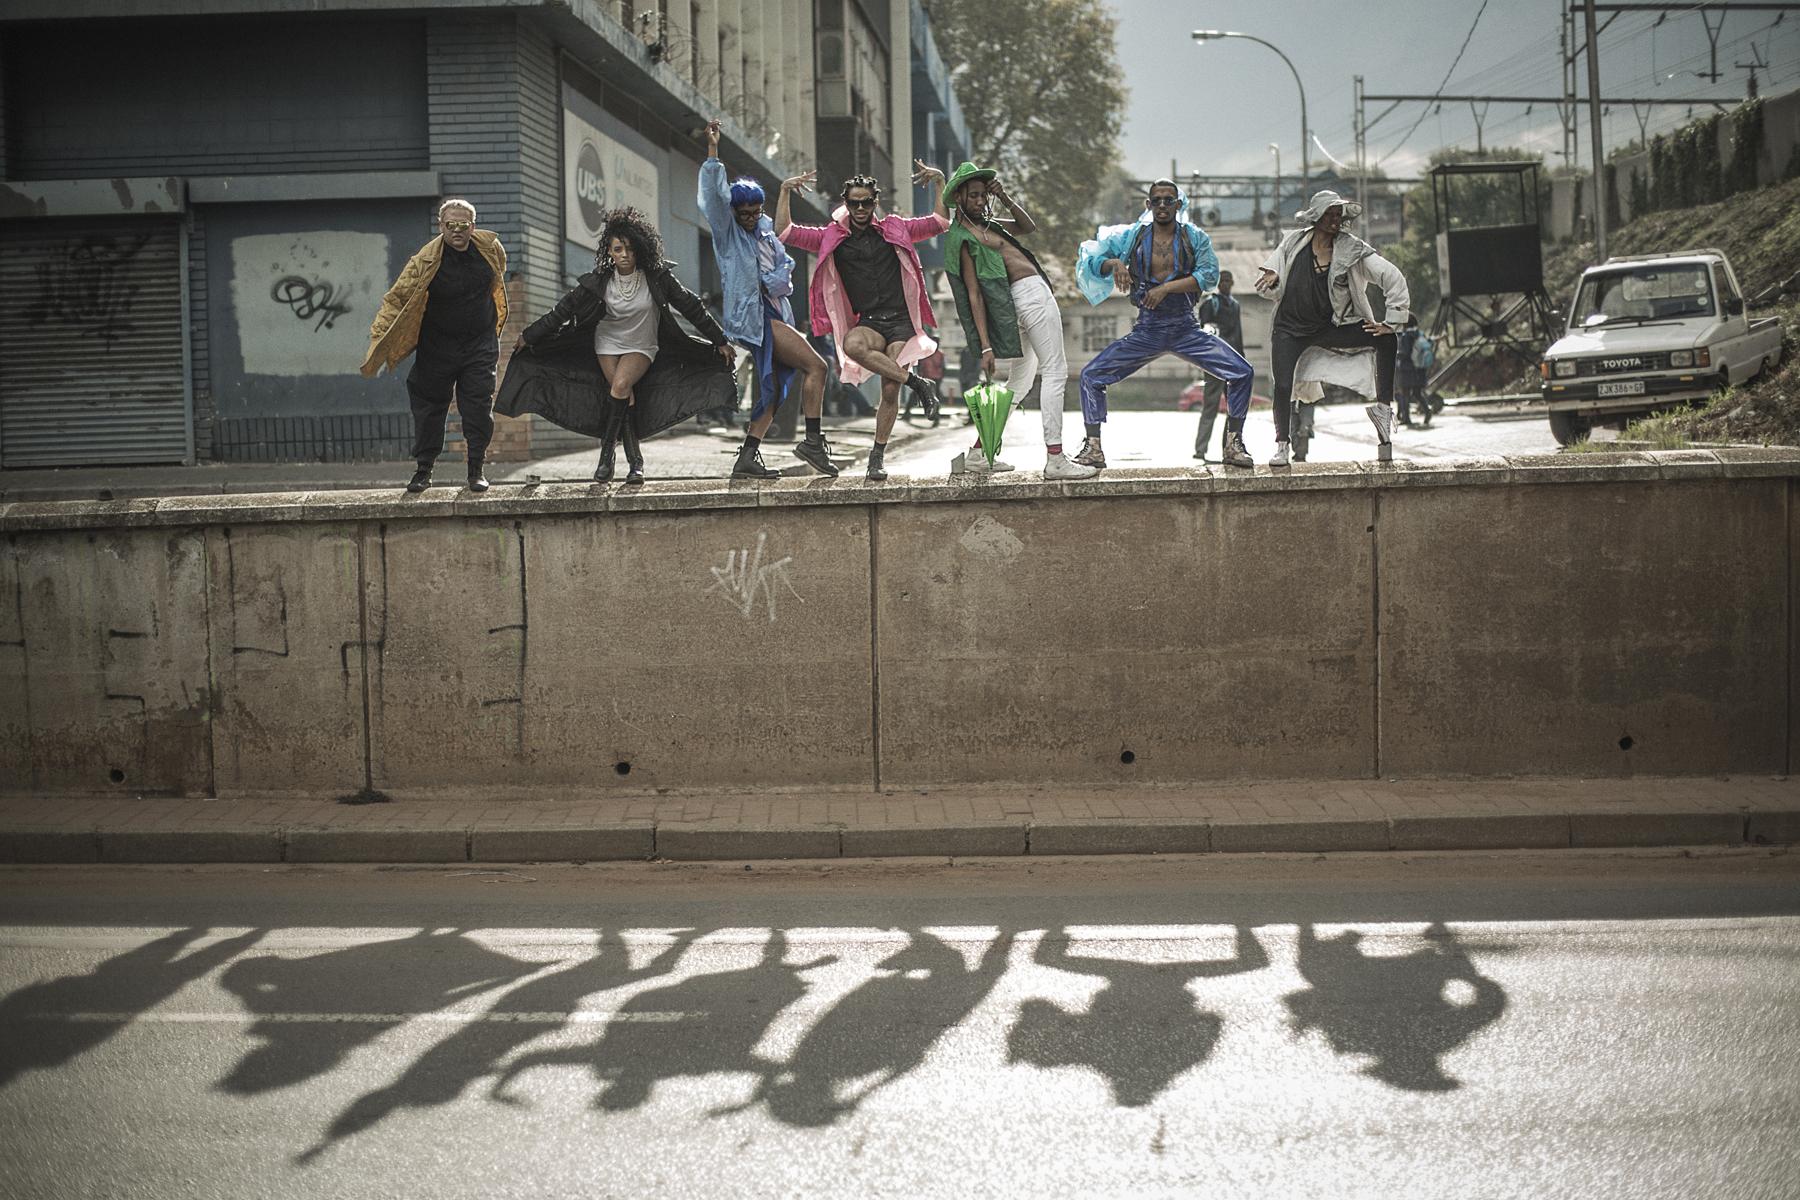 V.I.N.T.A.G.E Dance Crew